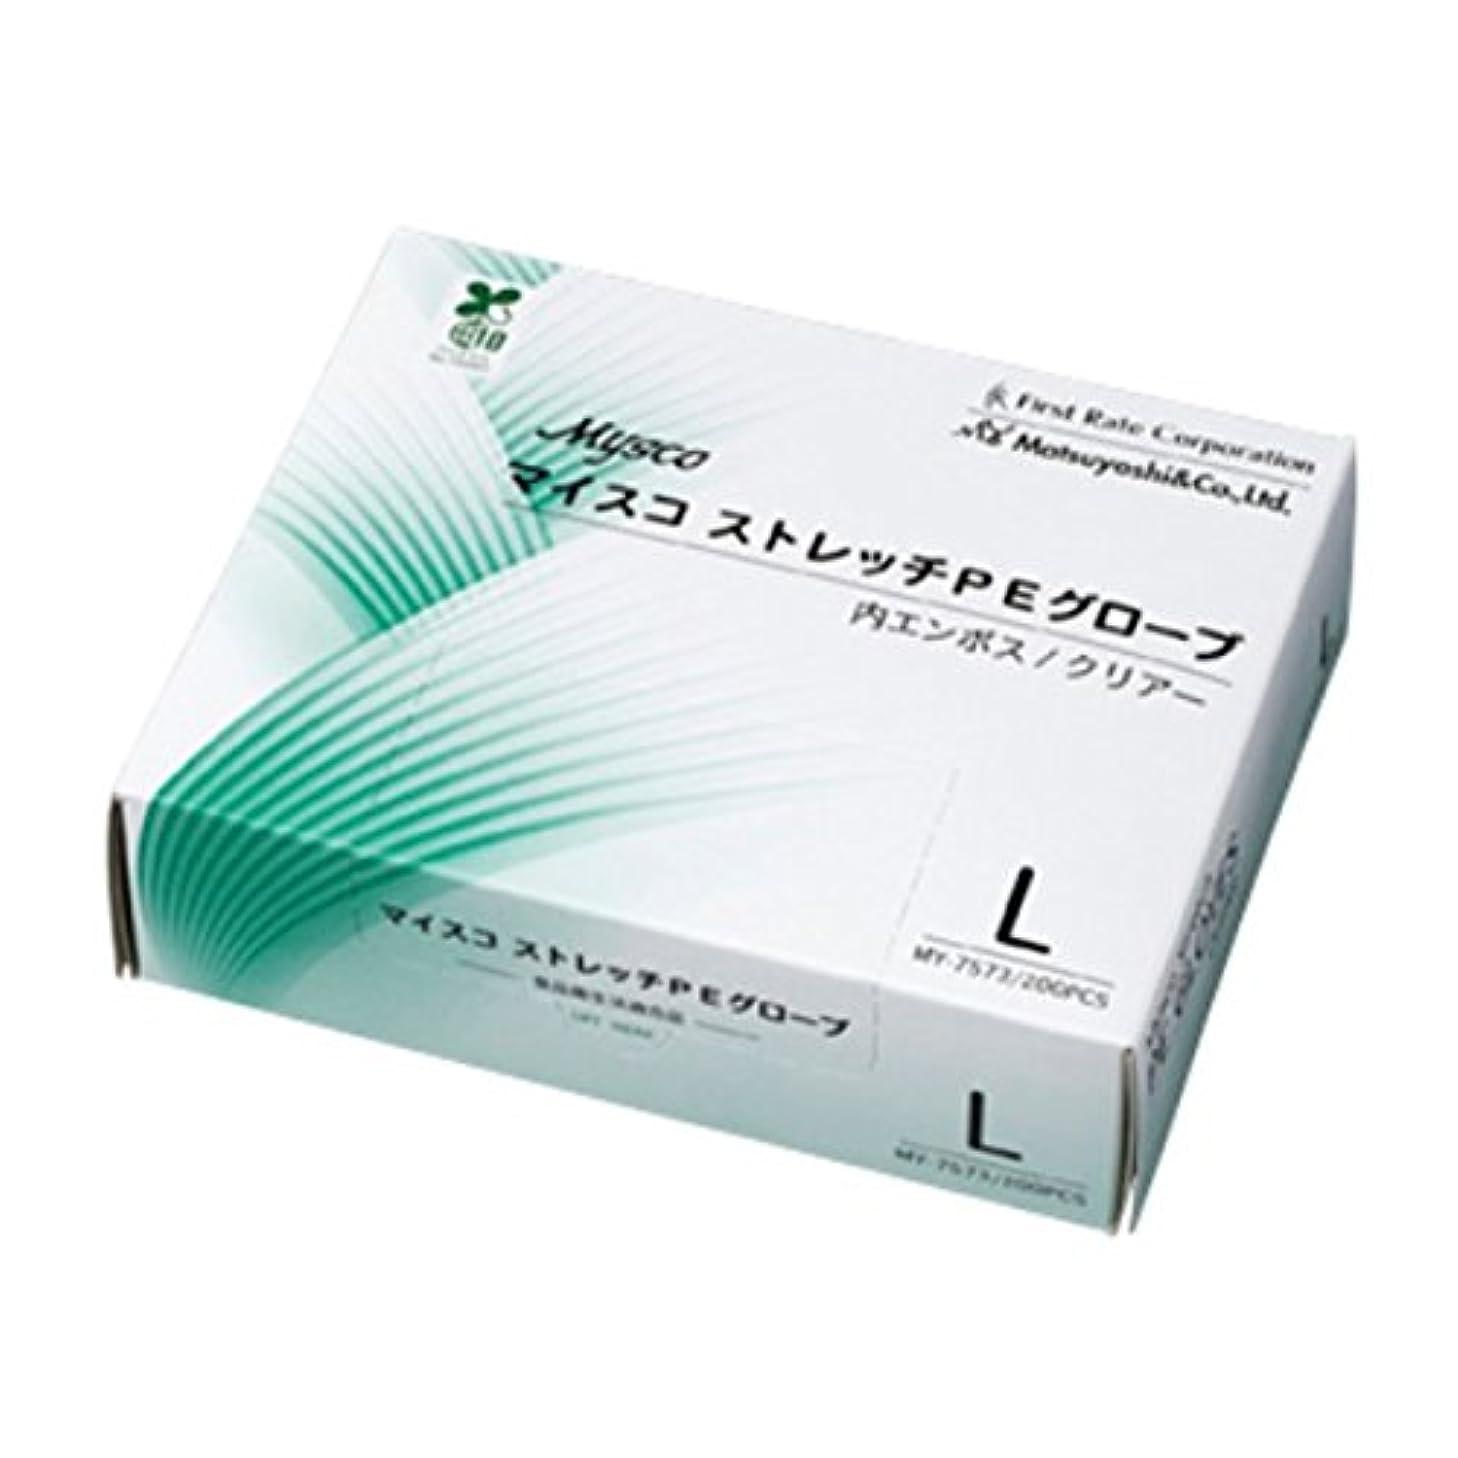 フリース非公式君主制【ケース販売】マイスコ ストレッチPEグローブ L 200枚入×40箱